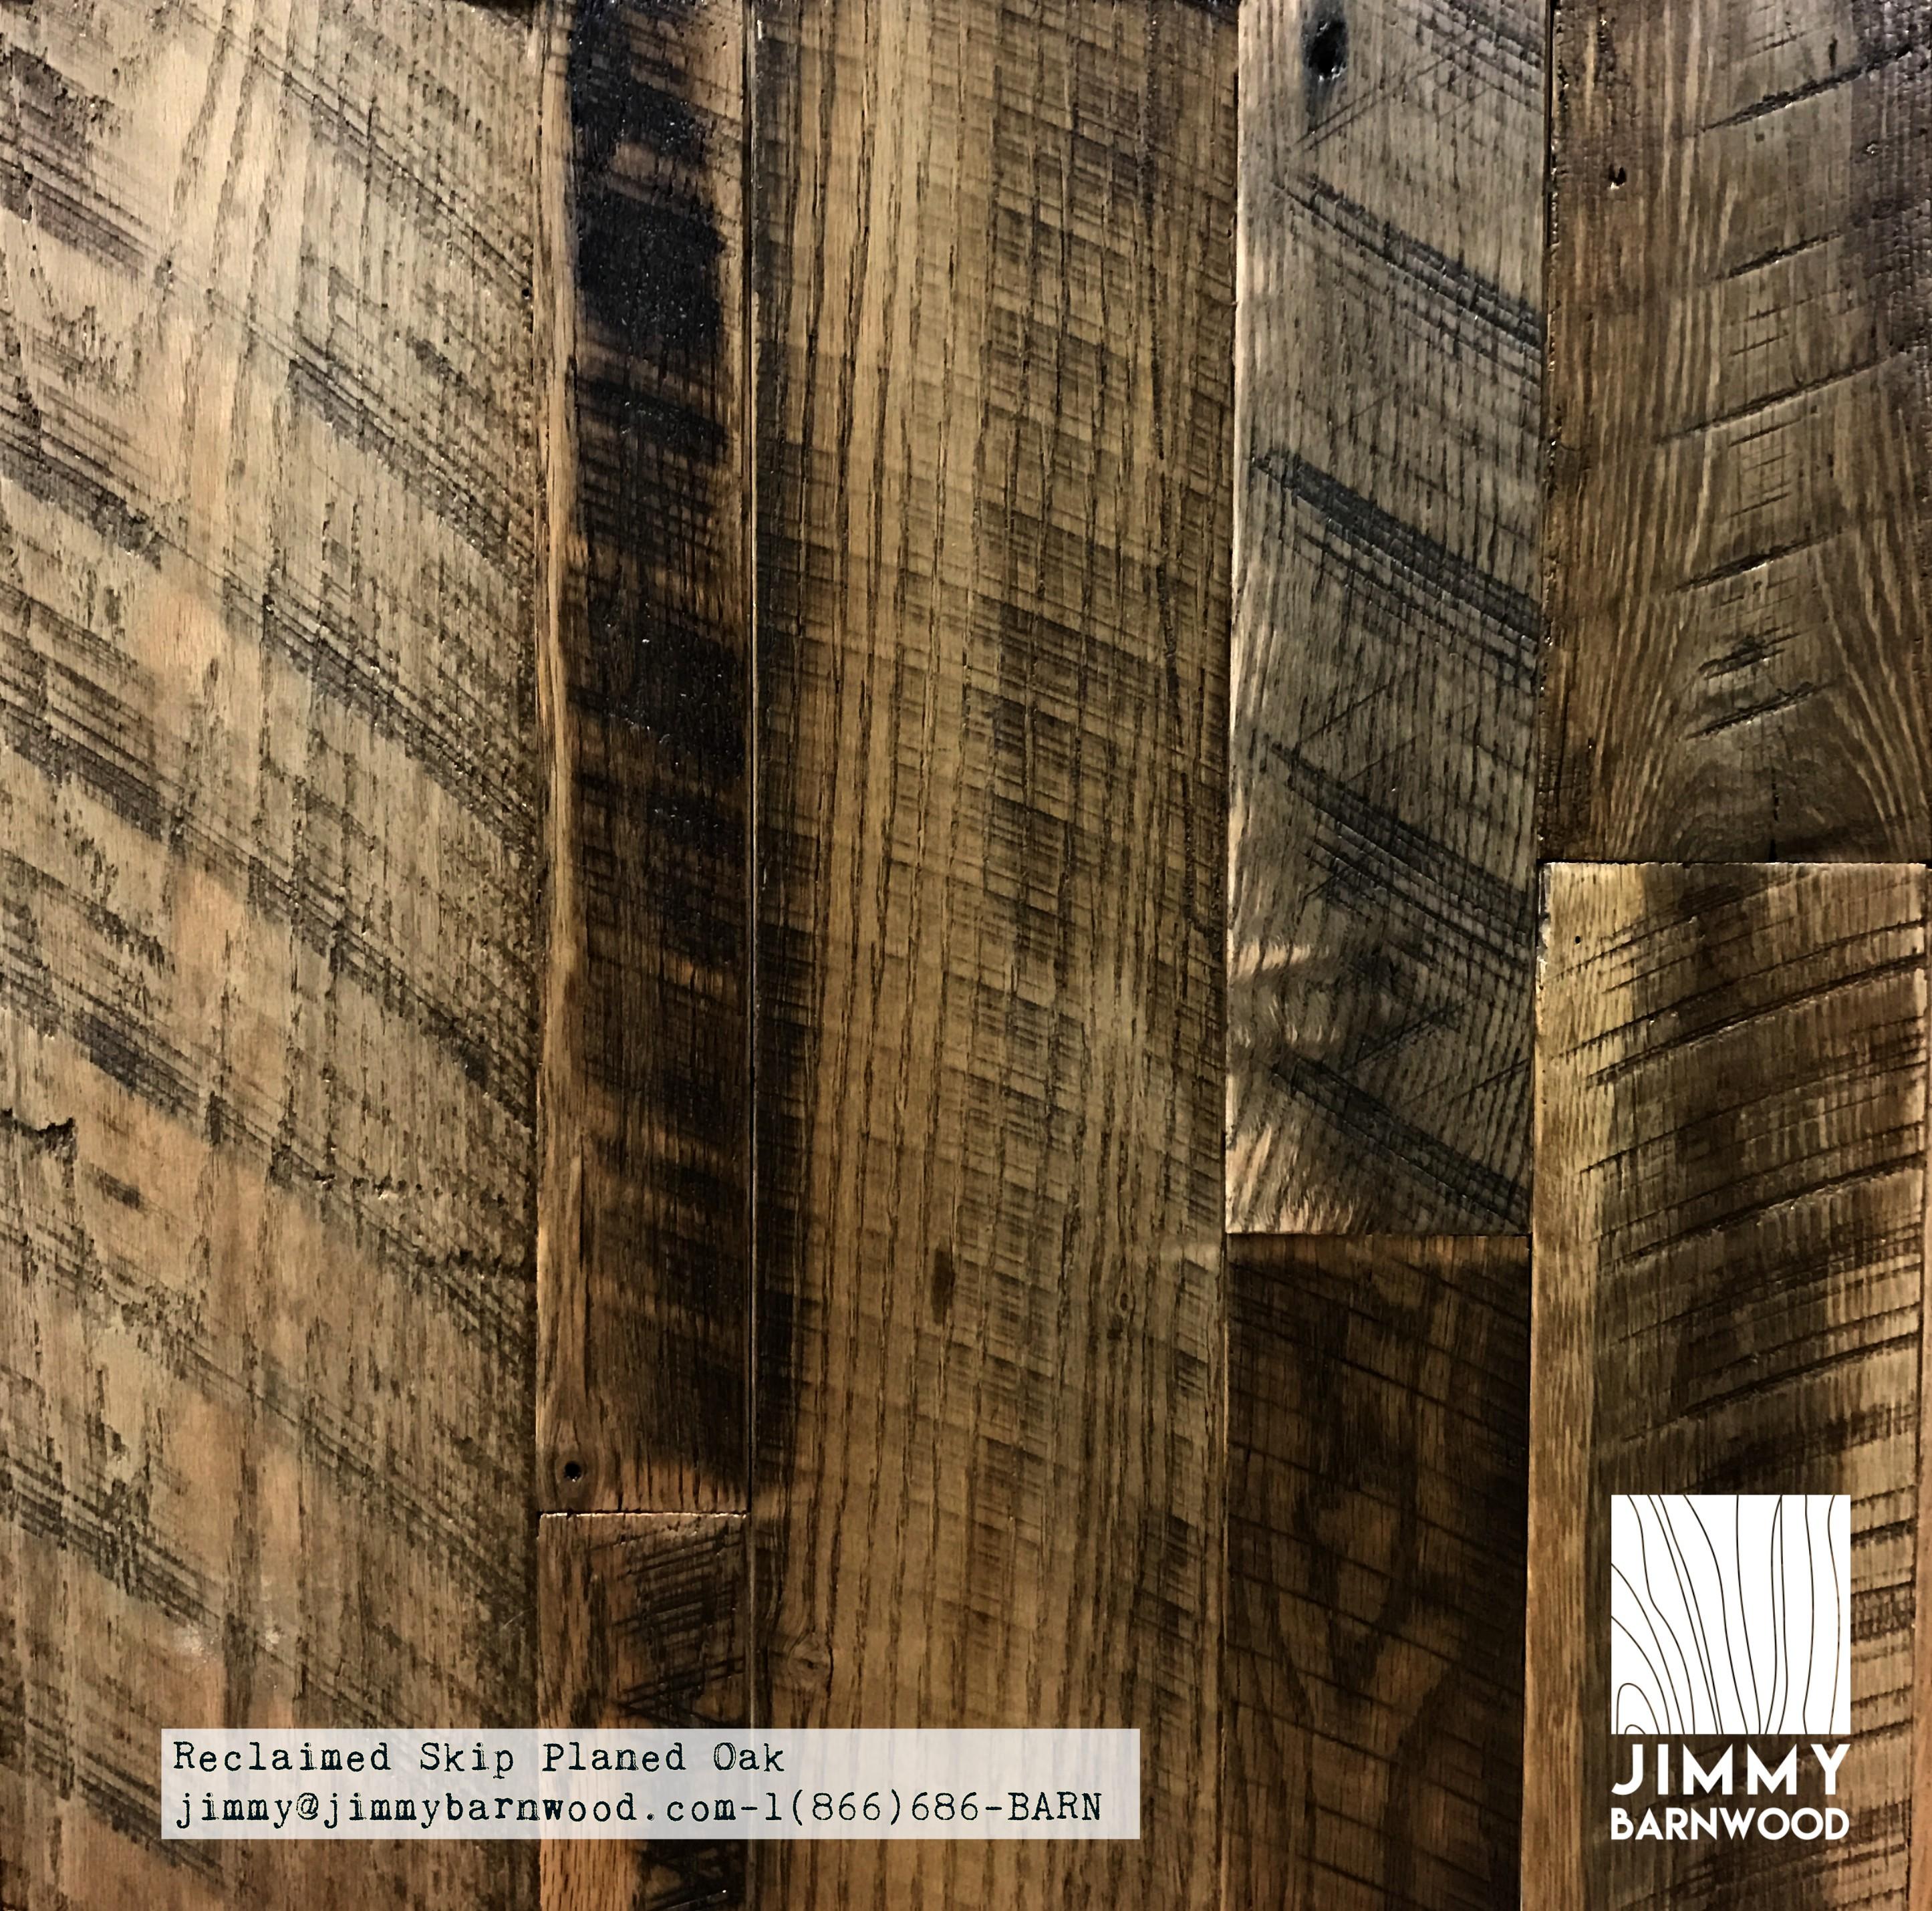 reclaimed-skip-planed-flooring-mixed-oak-jimmy-barnwood.jpg